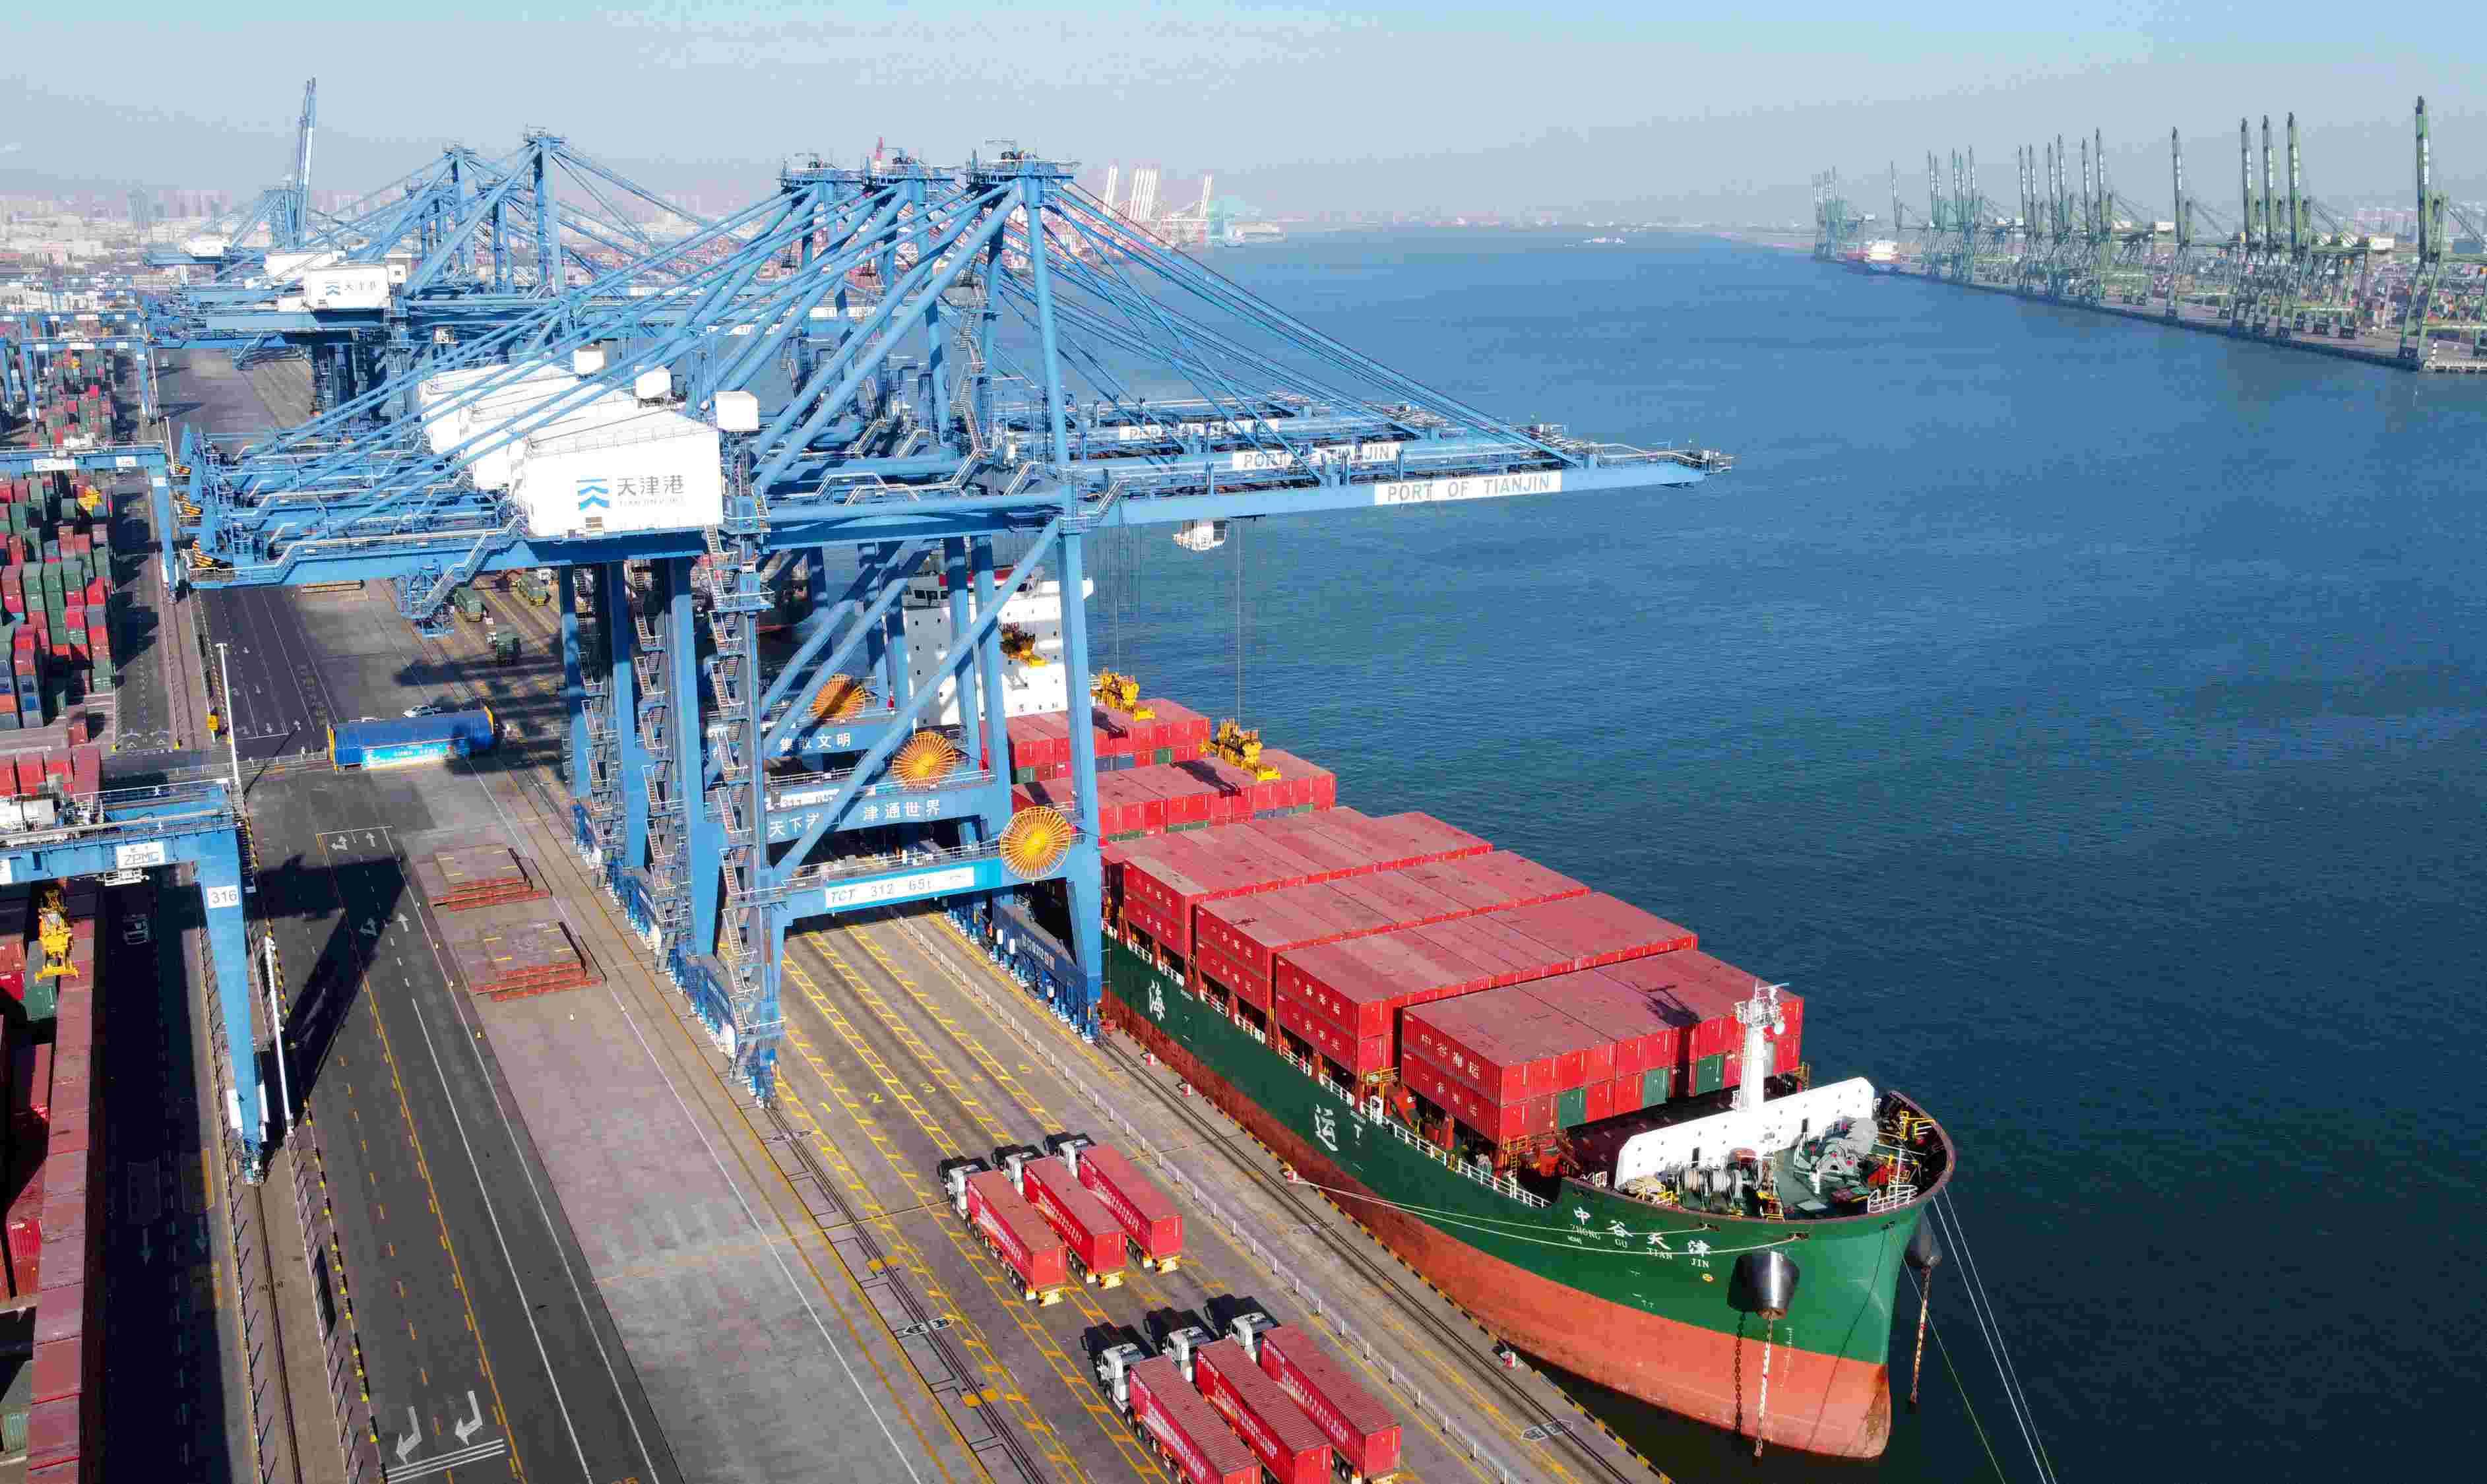 天津航运指数一季度环比上涨15.7% 高位震荡或将持续